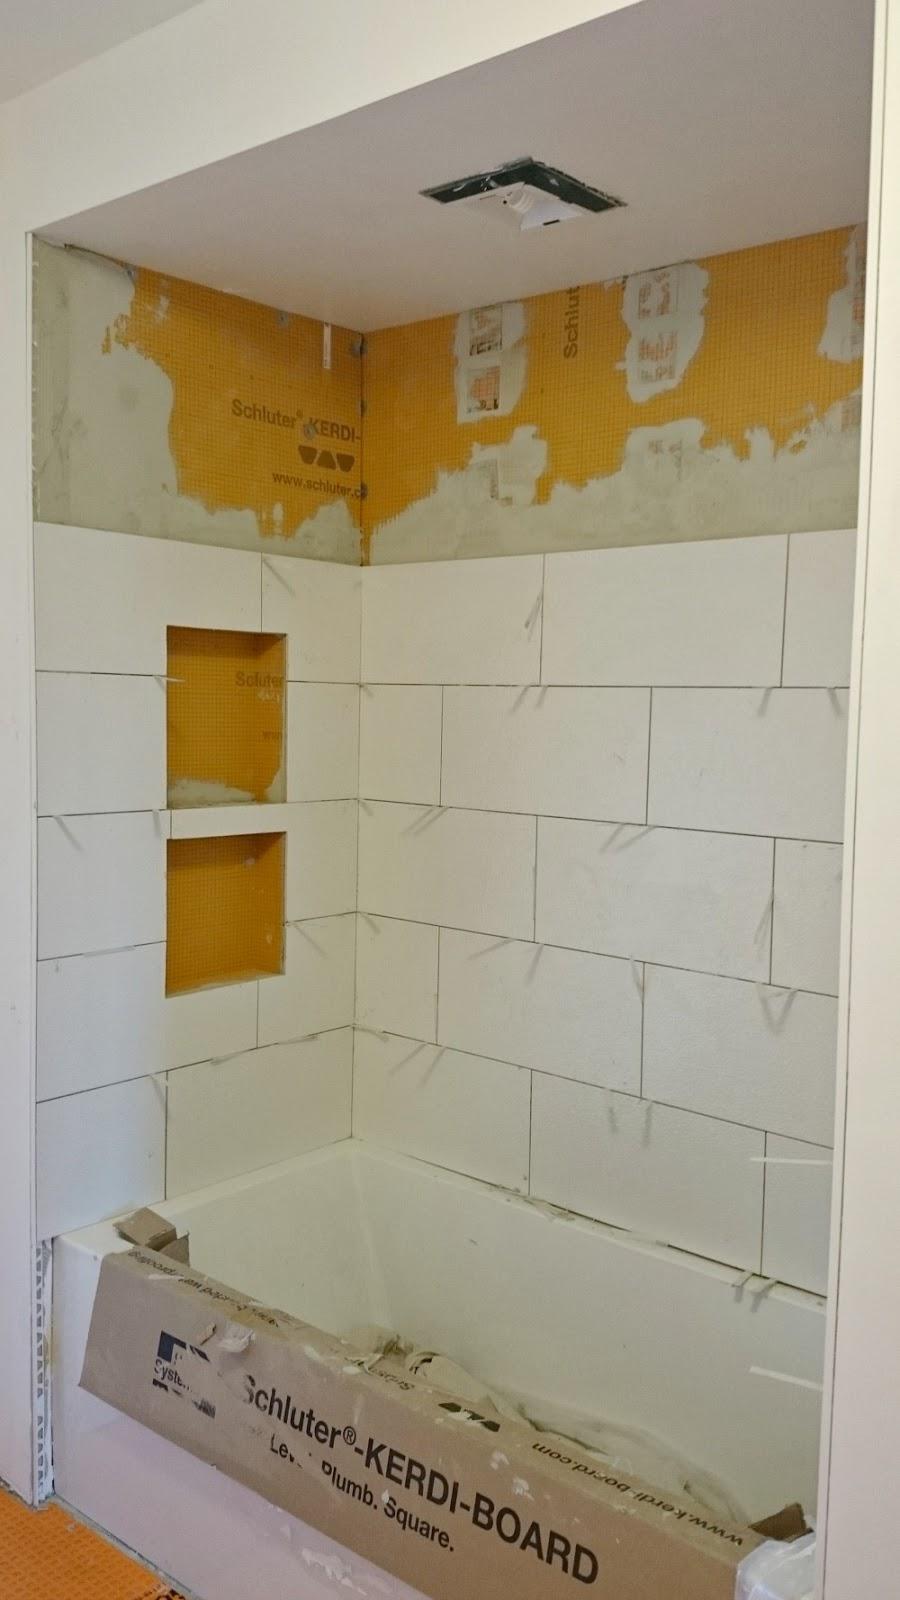 Schluter Kerdi Shower Cubby Installed